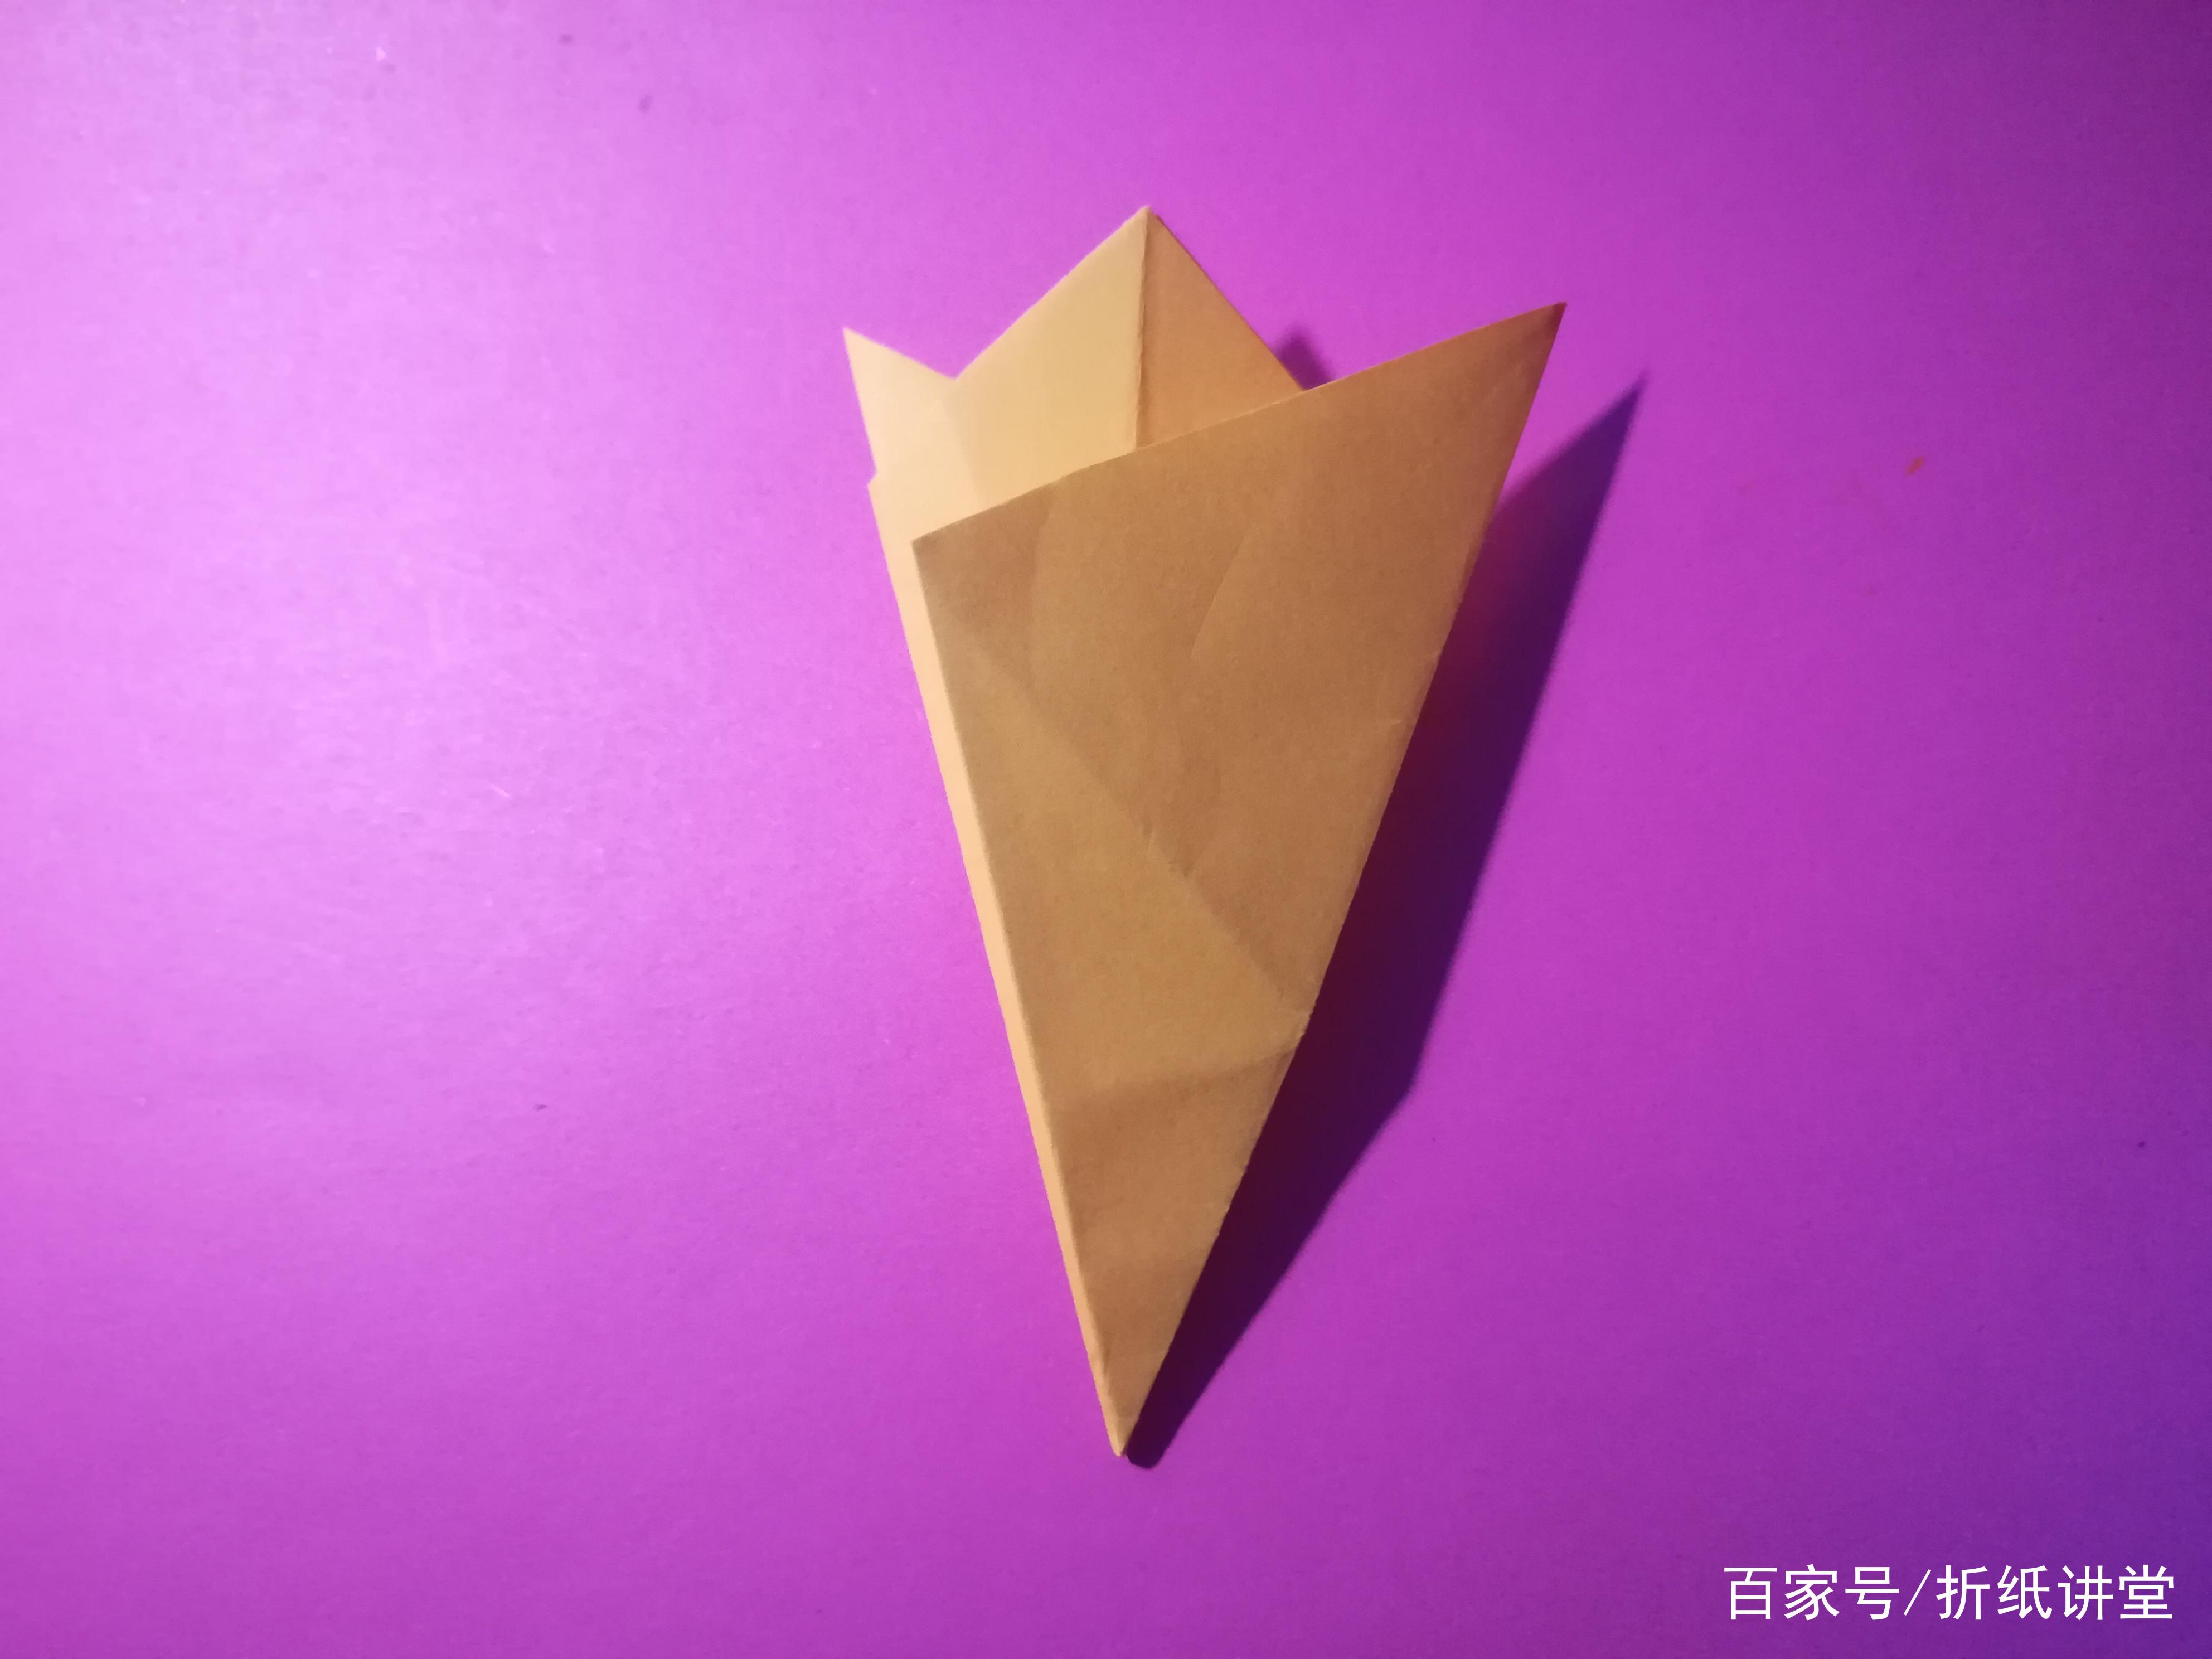 折纸讲堂:迎春花折纸的制作图解,2分钟就能学会!